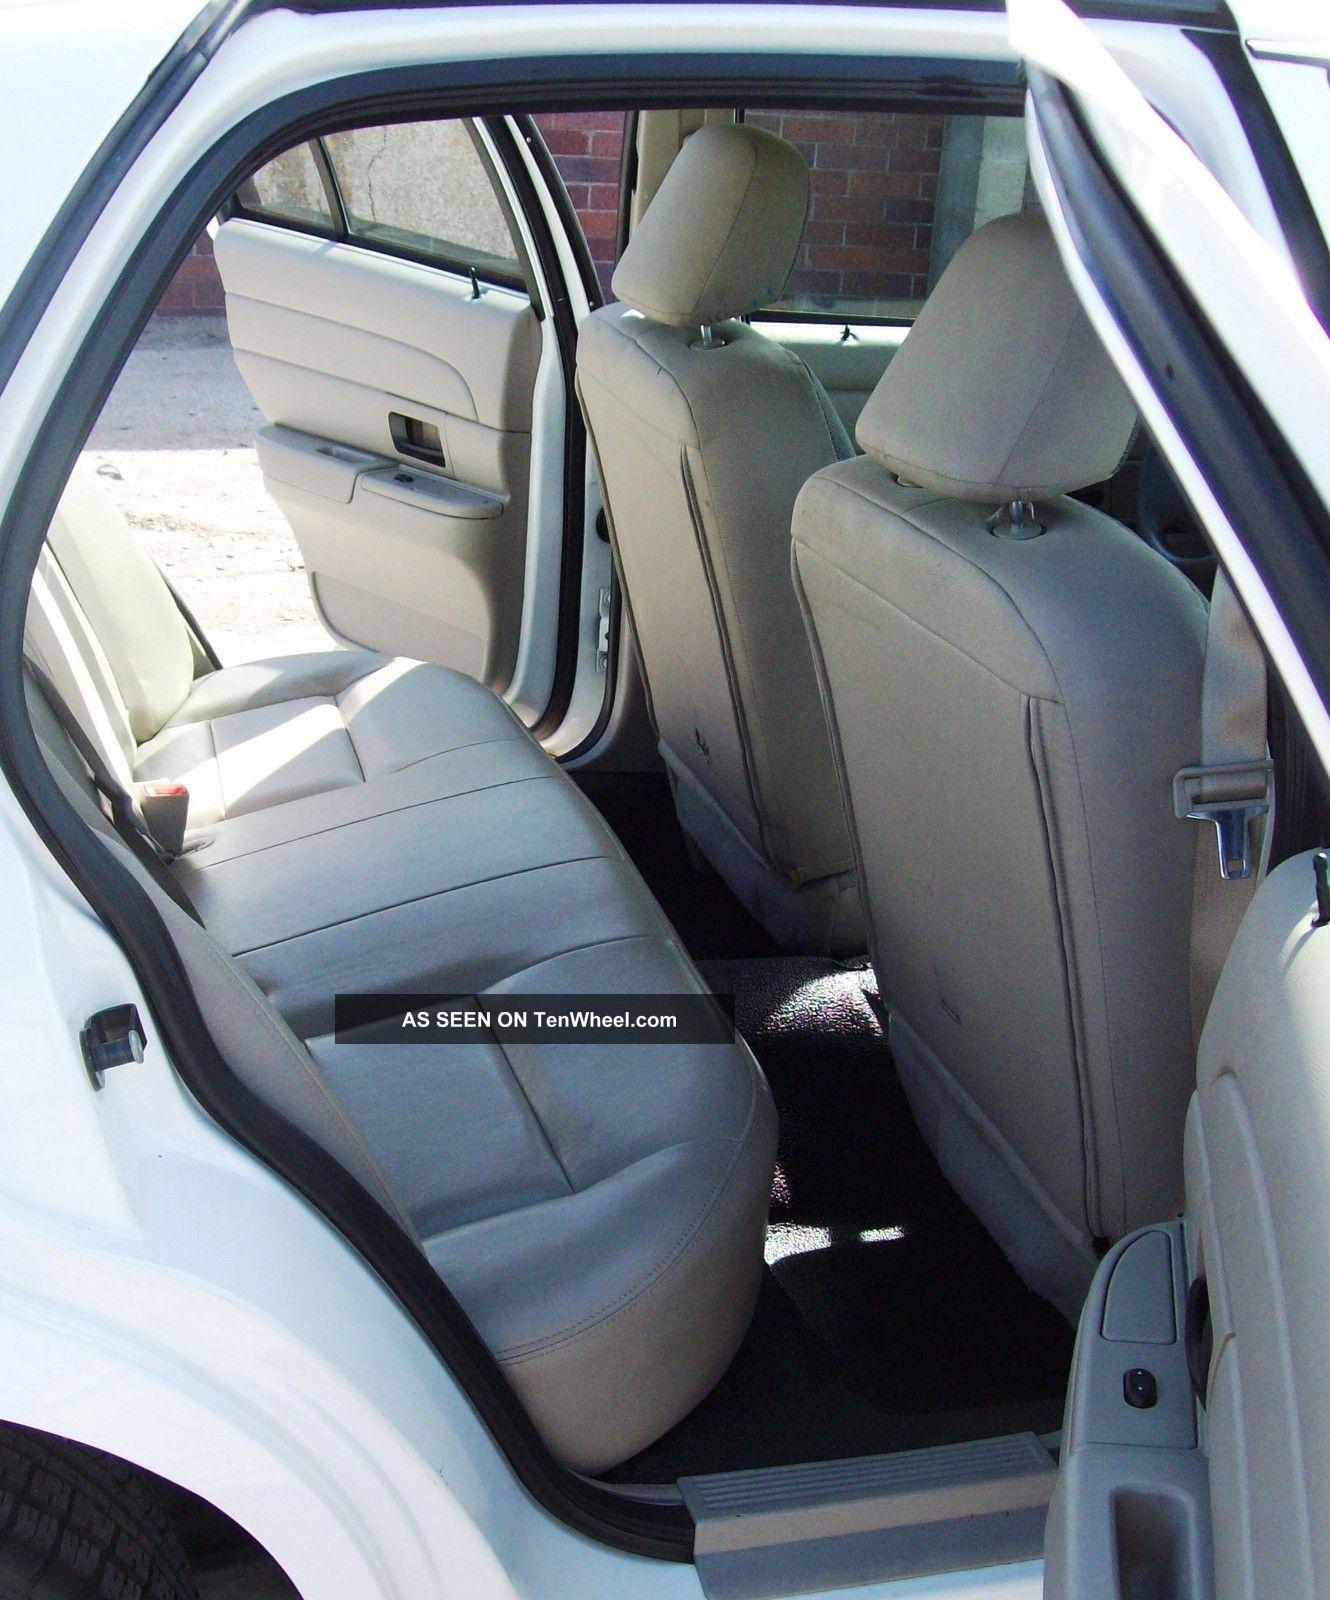 2012 Maserati Quattroporte Interior: White 2008 Ford Crown Victoria